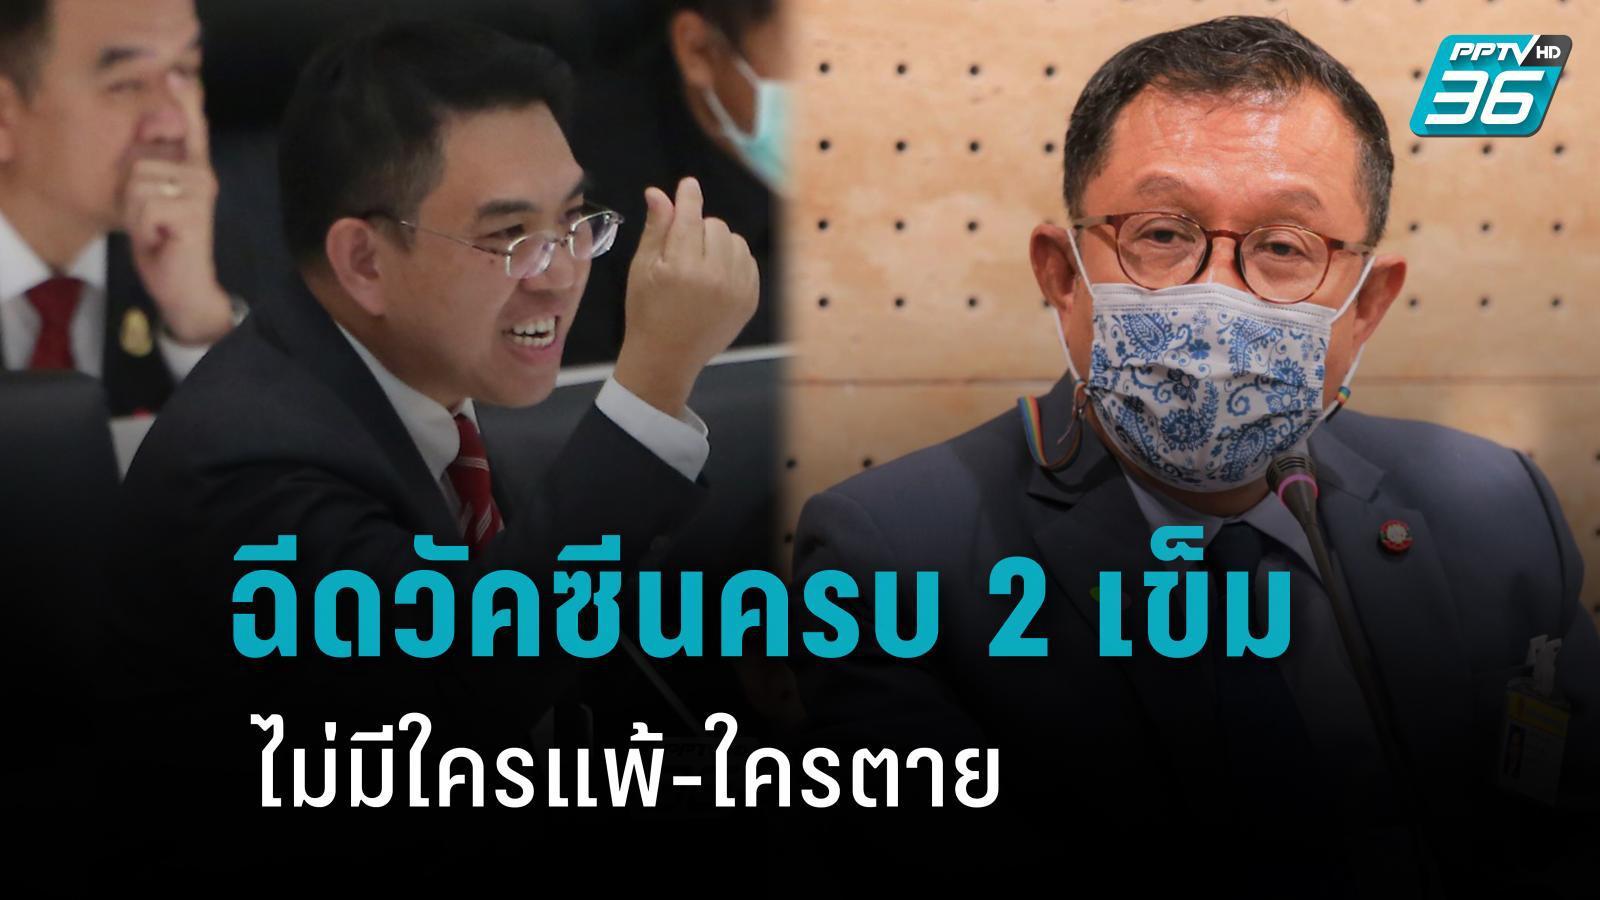 """""""ภูมิใจไทย"""" สวน """"วิโรจน์-ก้าวไกล"""" ฉีดวัคซีนครบ 2 เข็มก่อนเพื่อน ไม่มีใครแพ้-ใครตาย"""